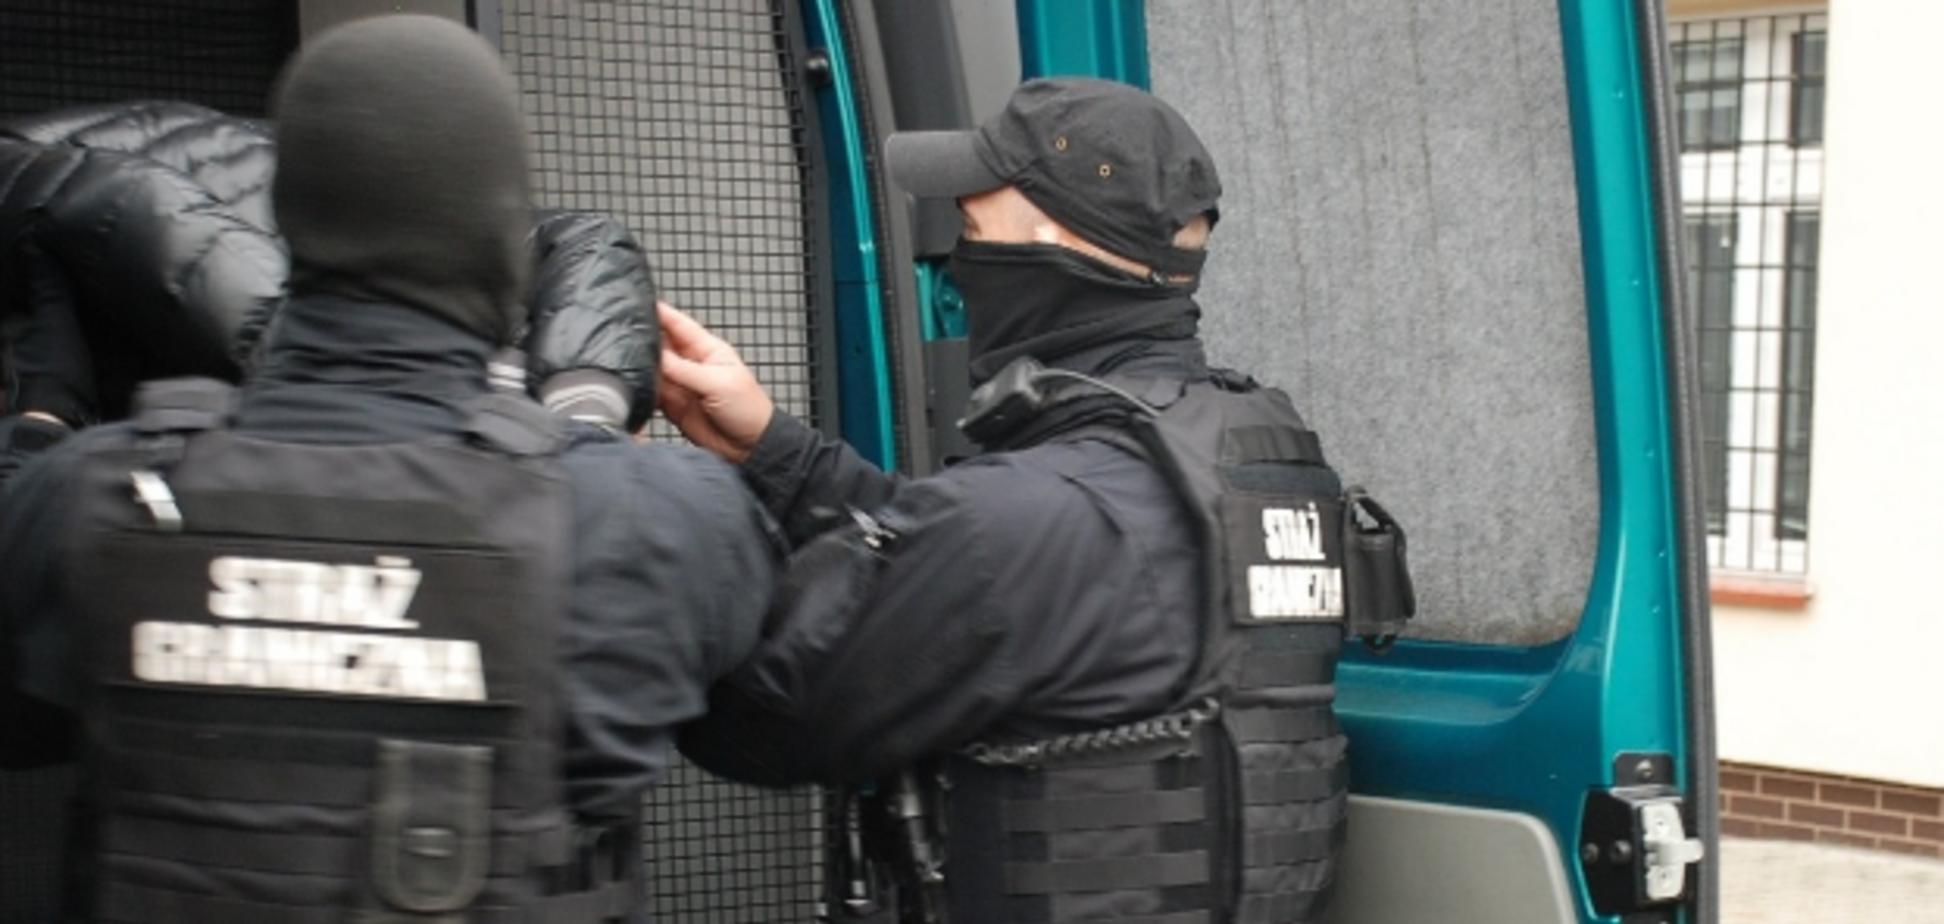 Шукали в 190 країнах: у Польщі затримали небезпечного українця